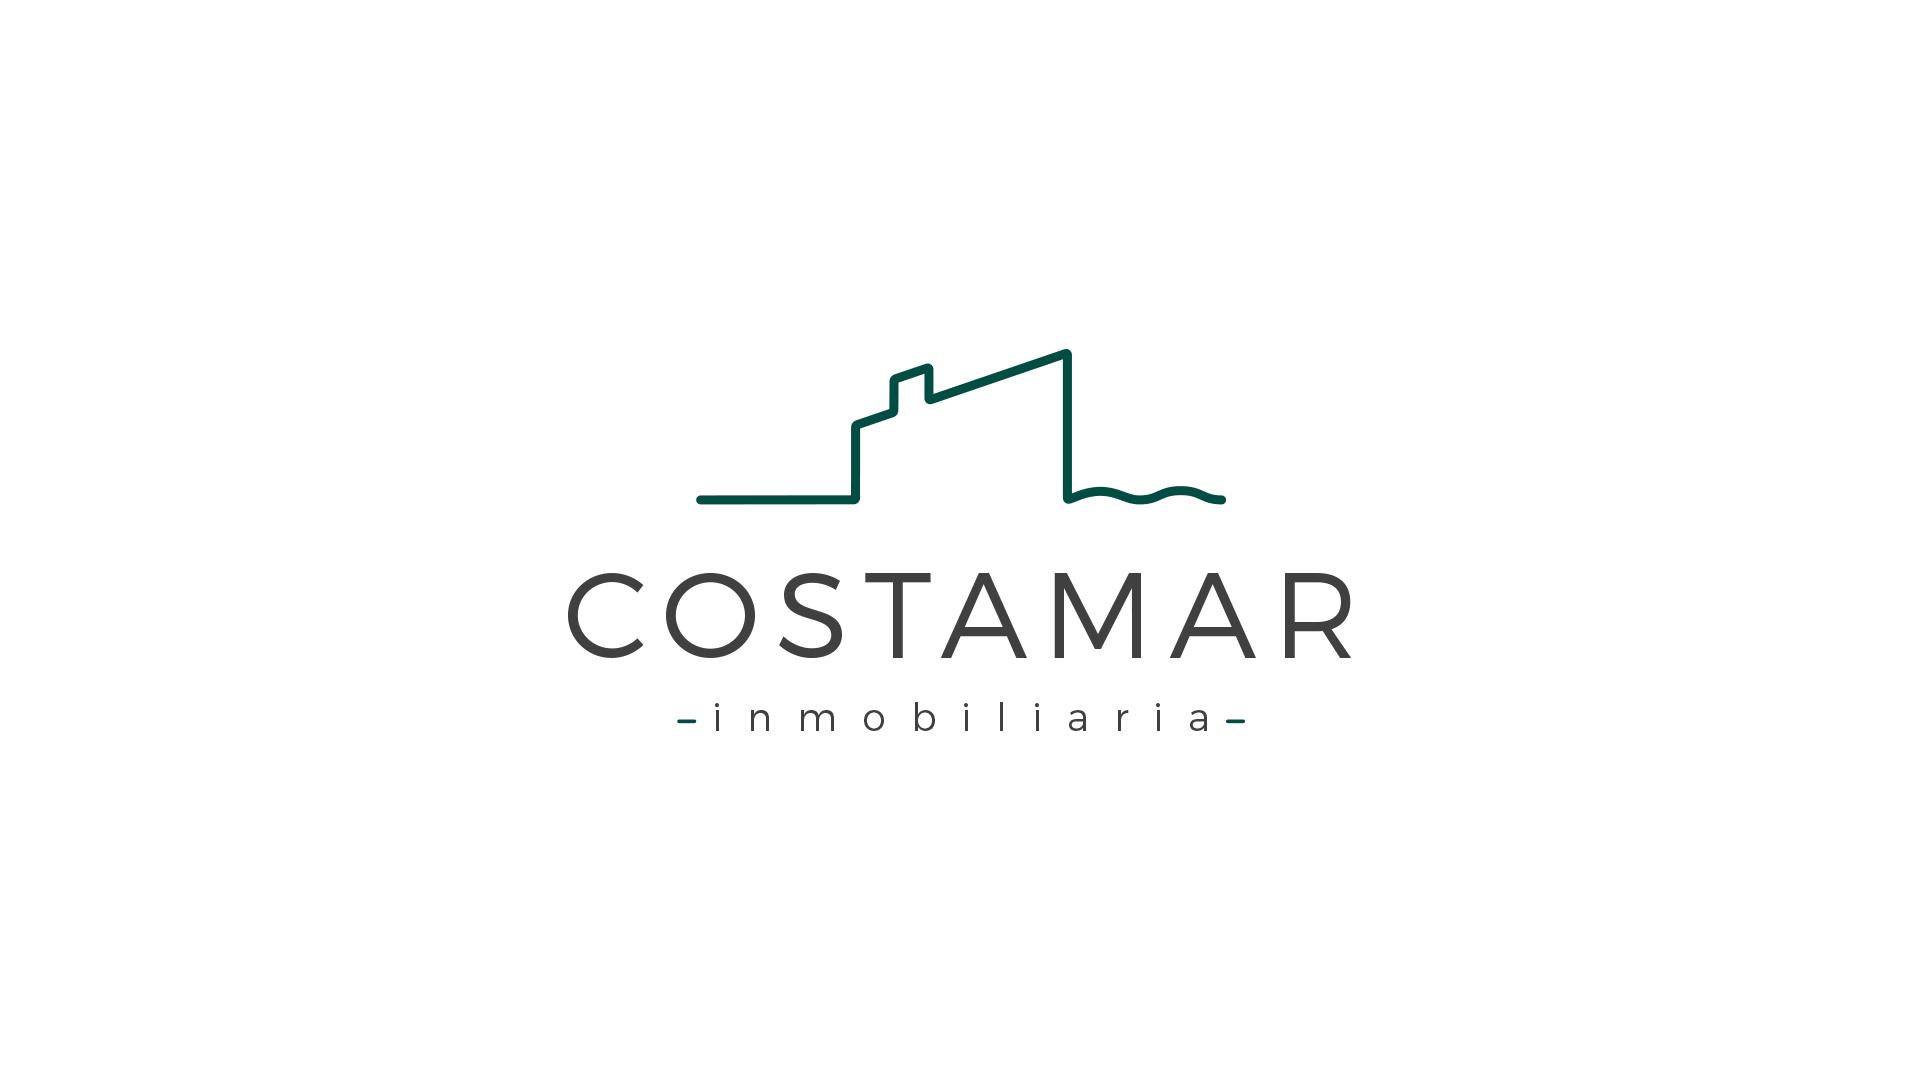 Costamar Inmo · Inmobiliaria Campello ·  Pisos Campello · Alquiler Campello · Real Estate Campello ·  Immobilier Campello ·  Immobilien Campello